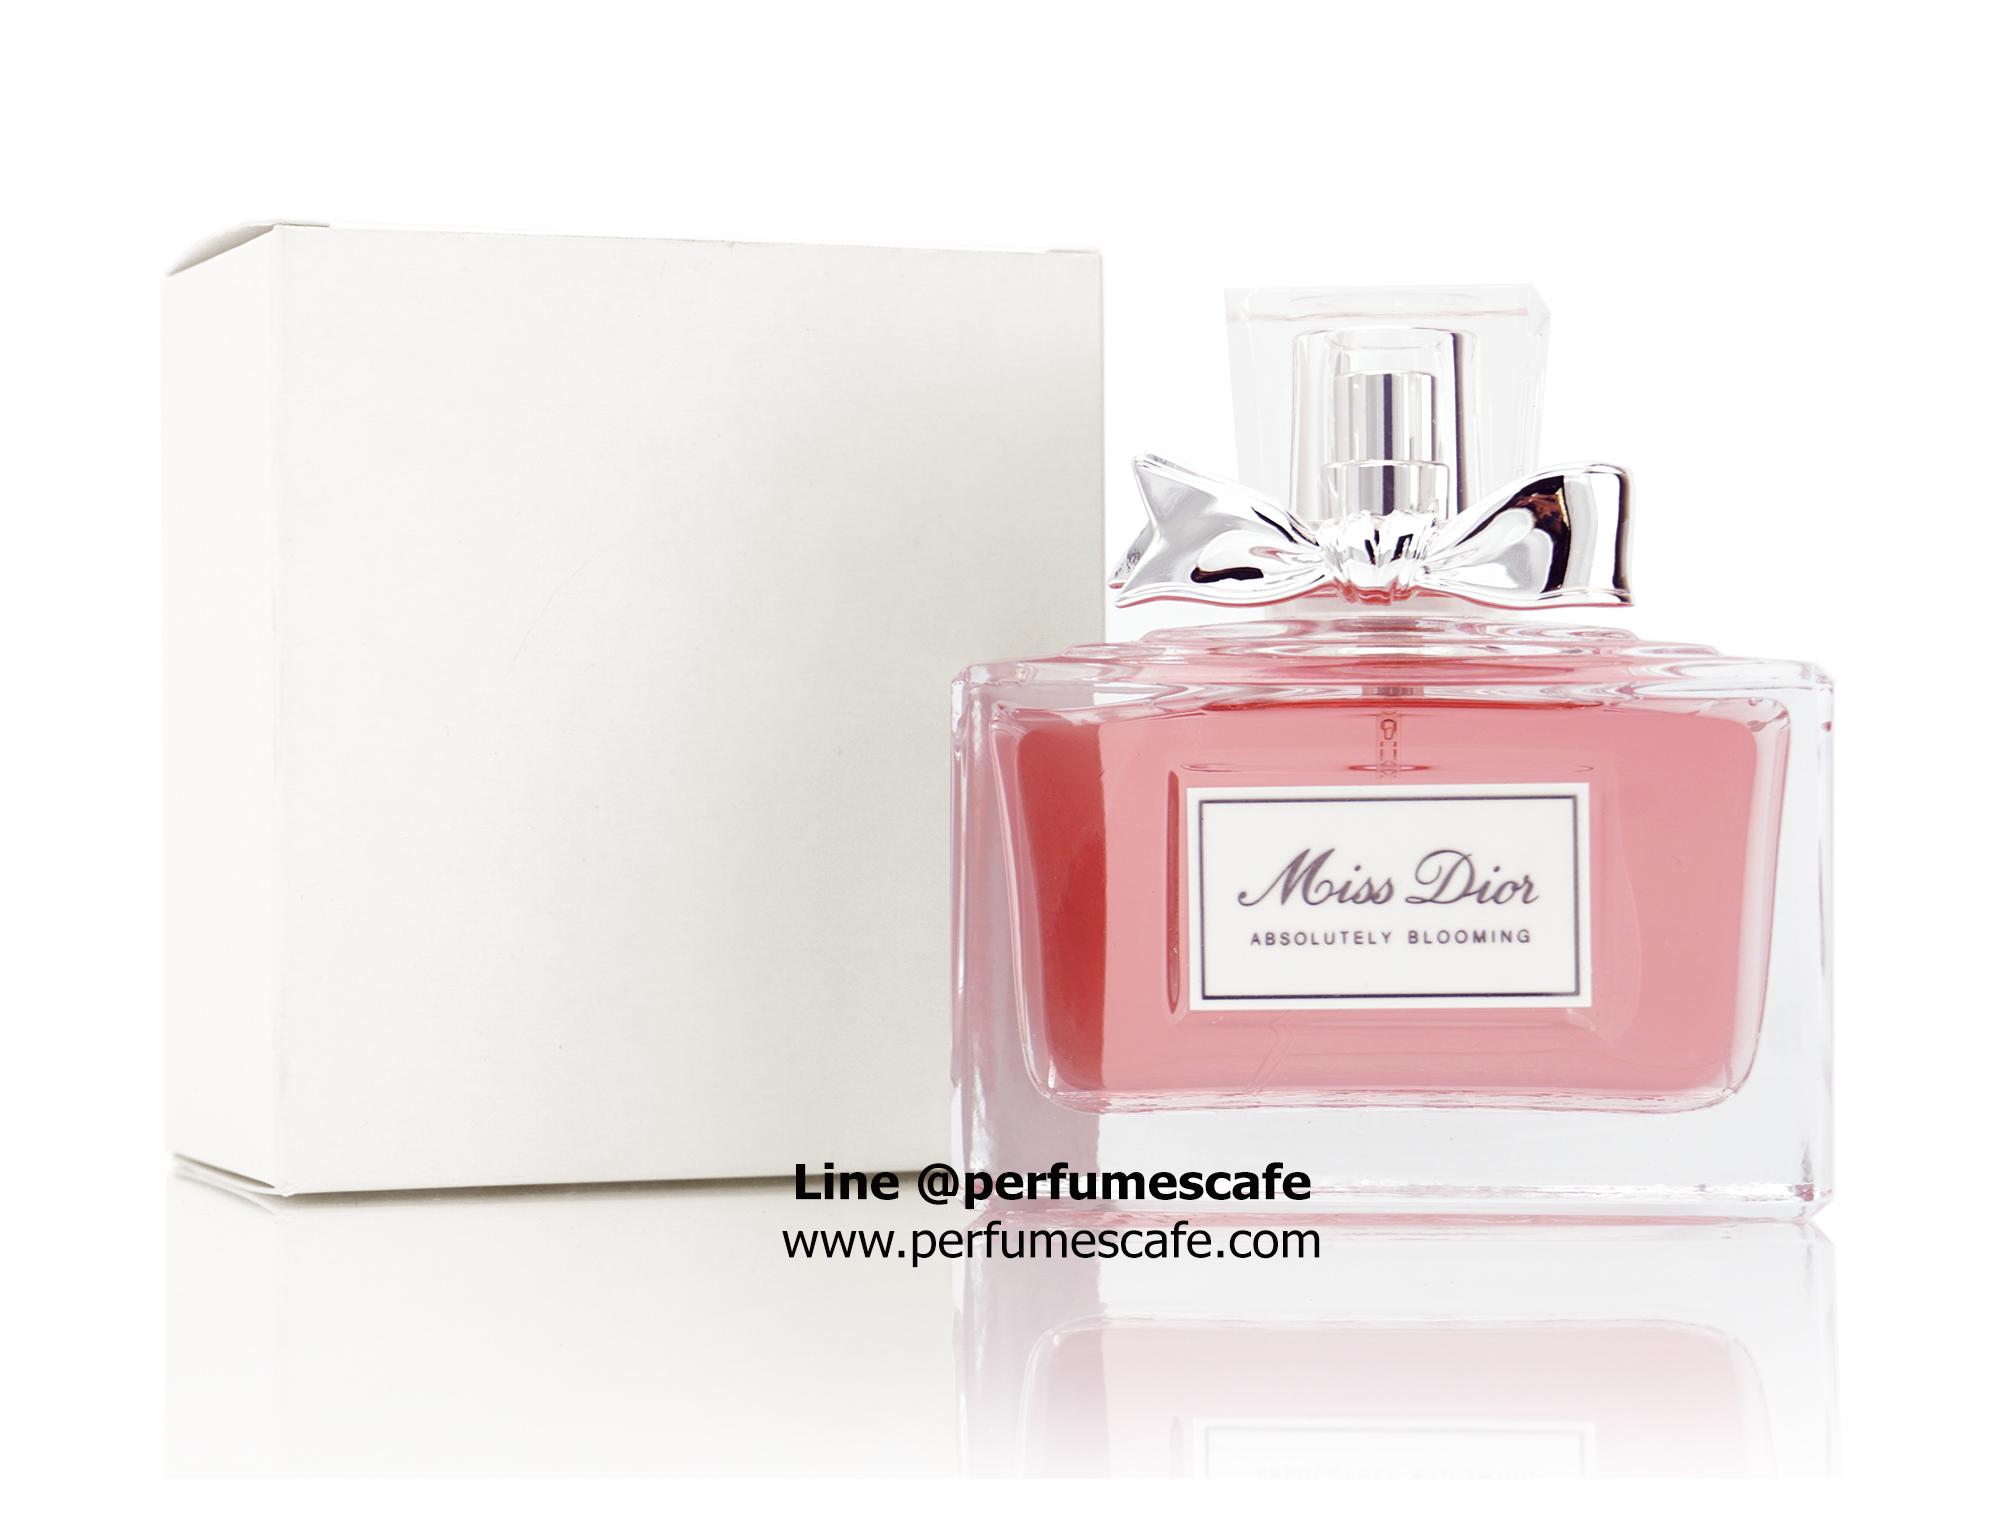 น้ำหอม Miss Dior Absolutely Blooming EDP ขนาด 100ml กล่องเทสเตอร์